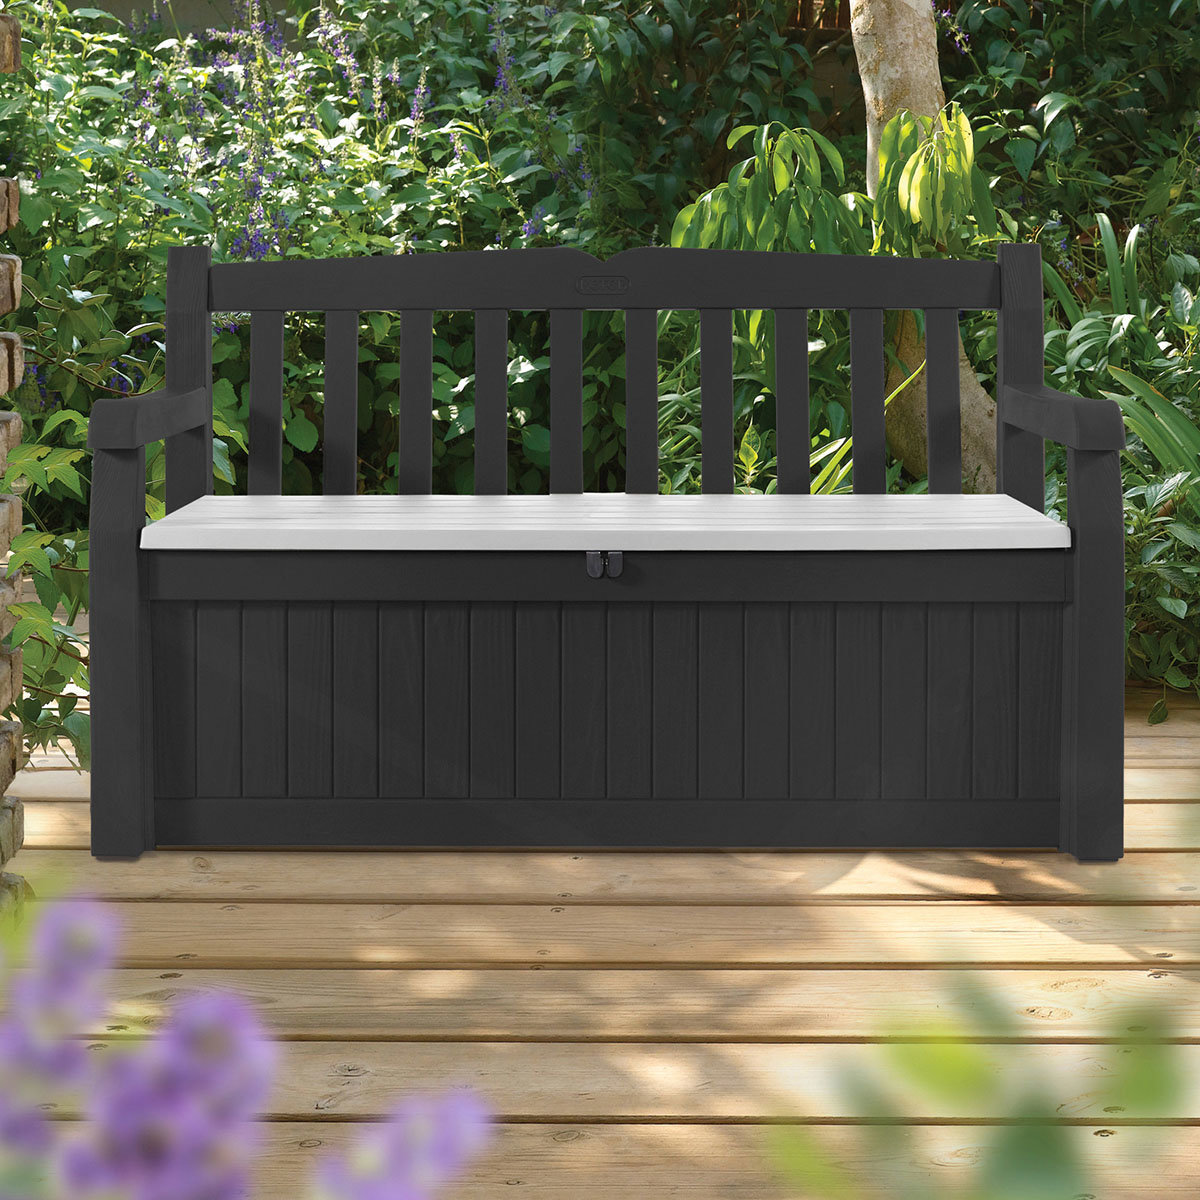 auflagenbox mit sitzfunktion 265 liter anthrazit online kaufen bei g rtner p tschke. Black Bedroom Furniture Sets. Home Design Ideas